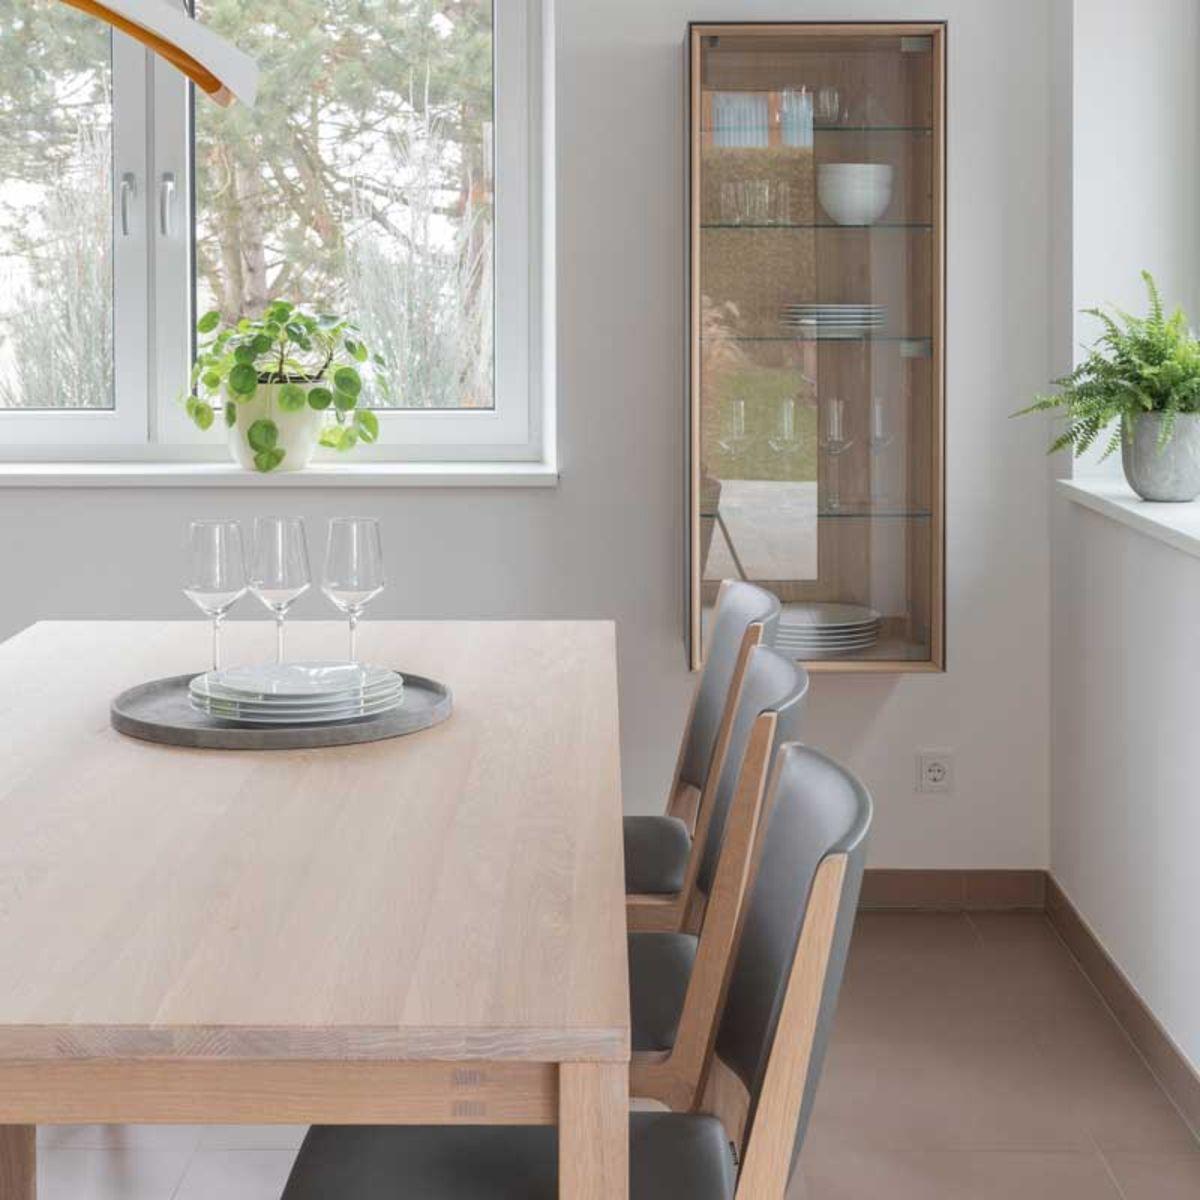 magnum Tisch mit eviva Stühlen in Eiche Weißöl von TEAM 7 Düsseldorf